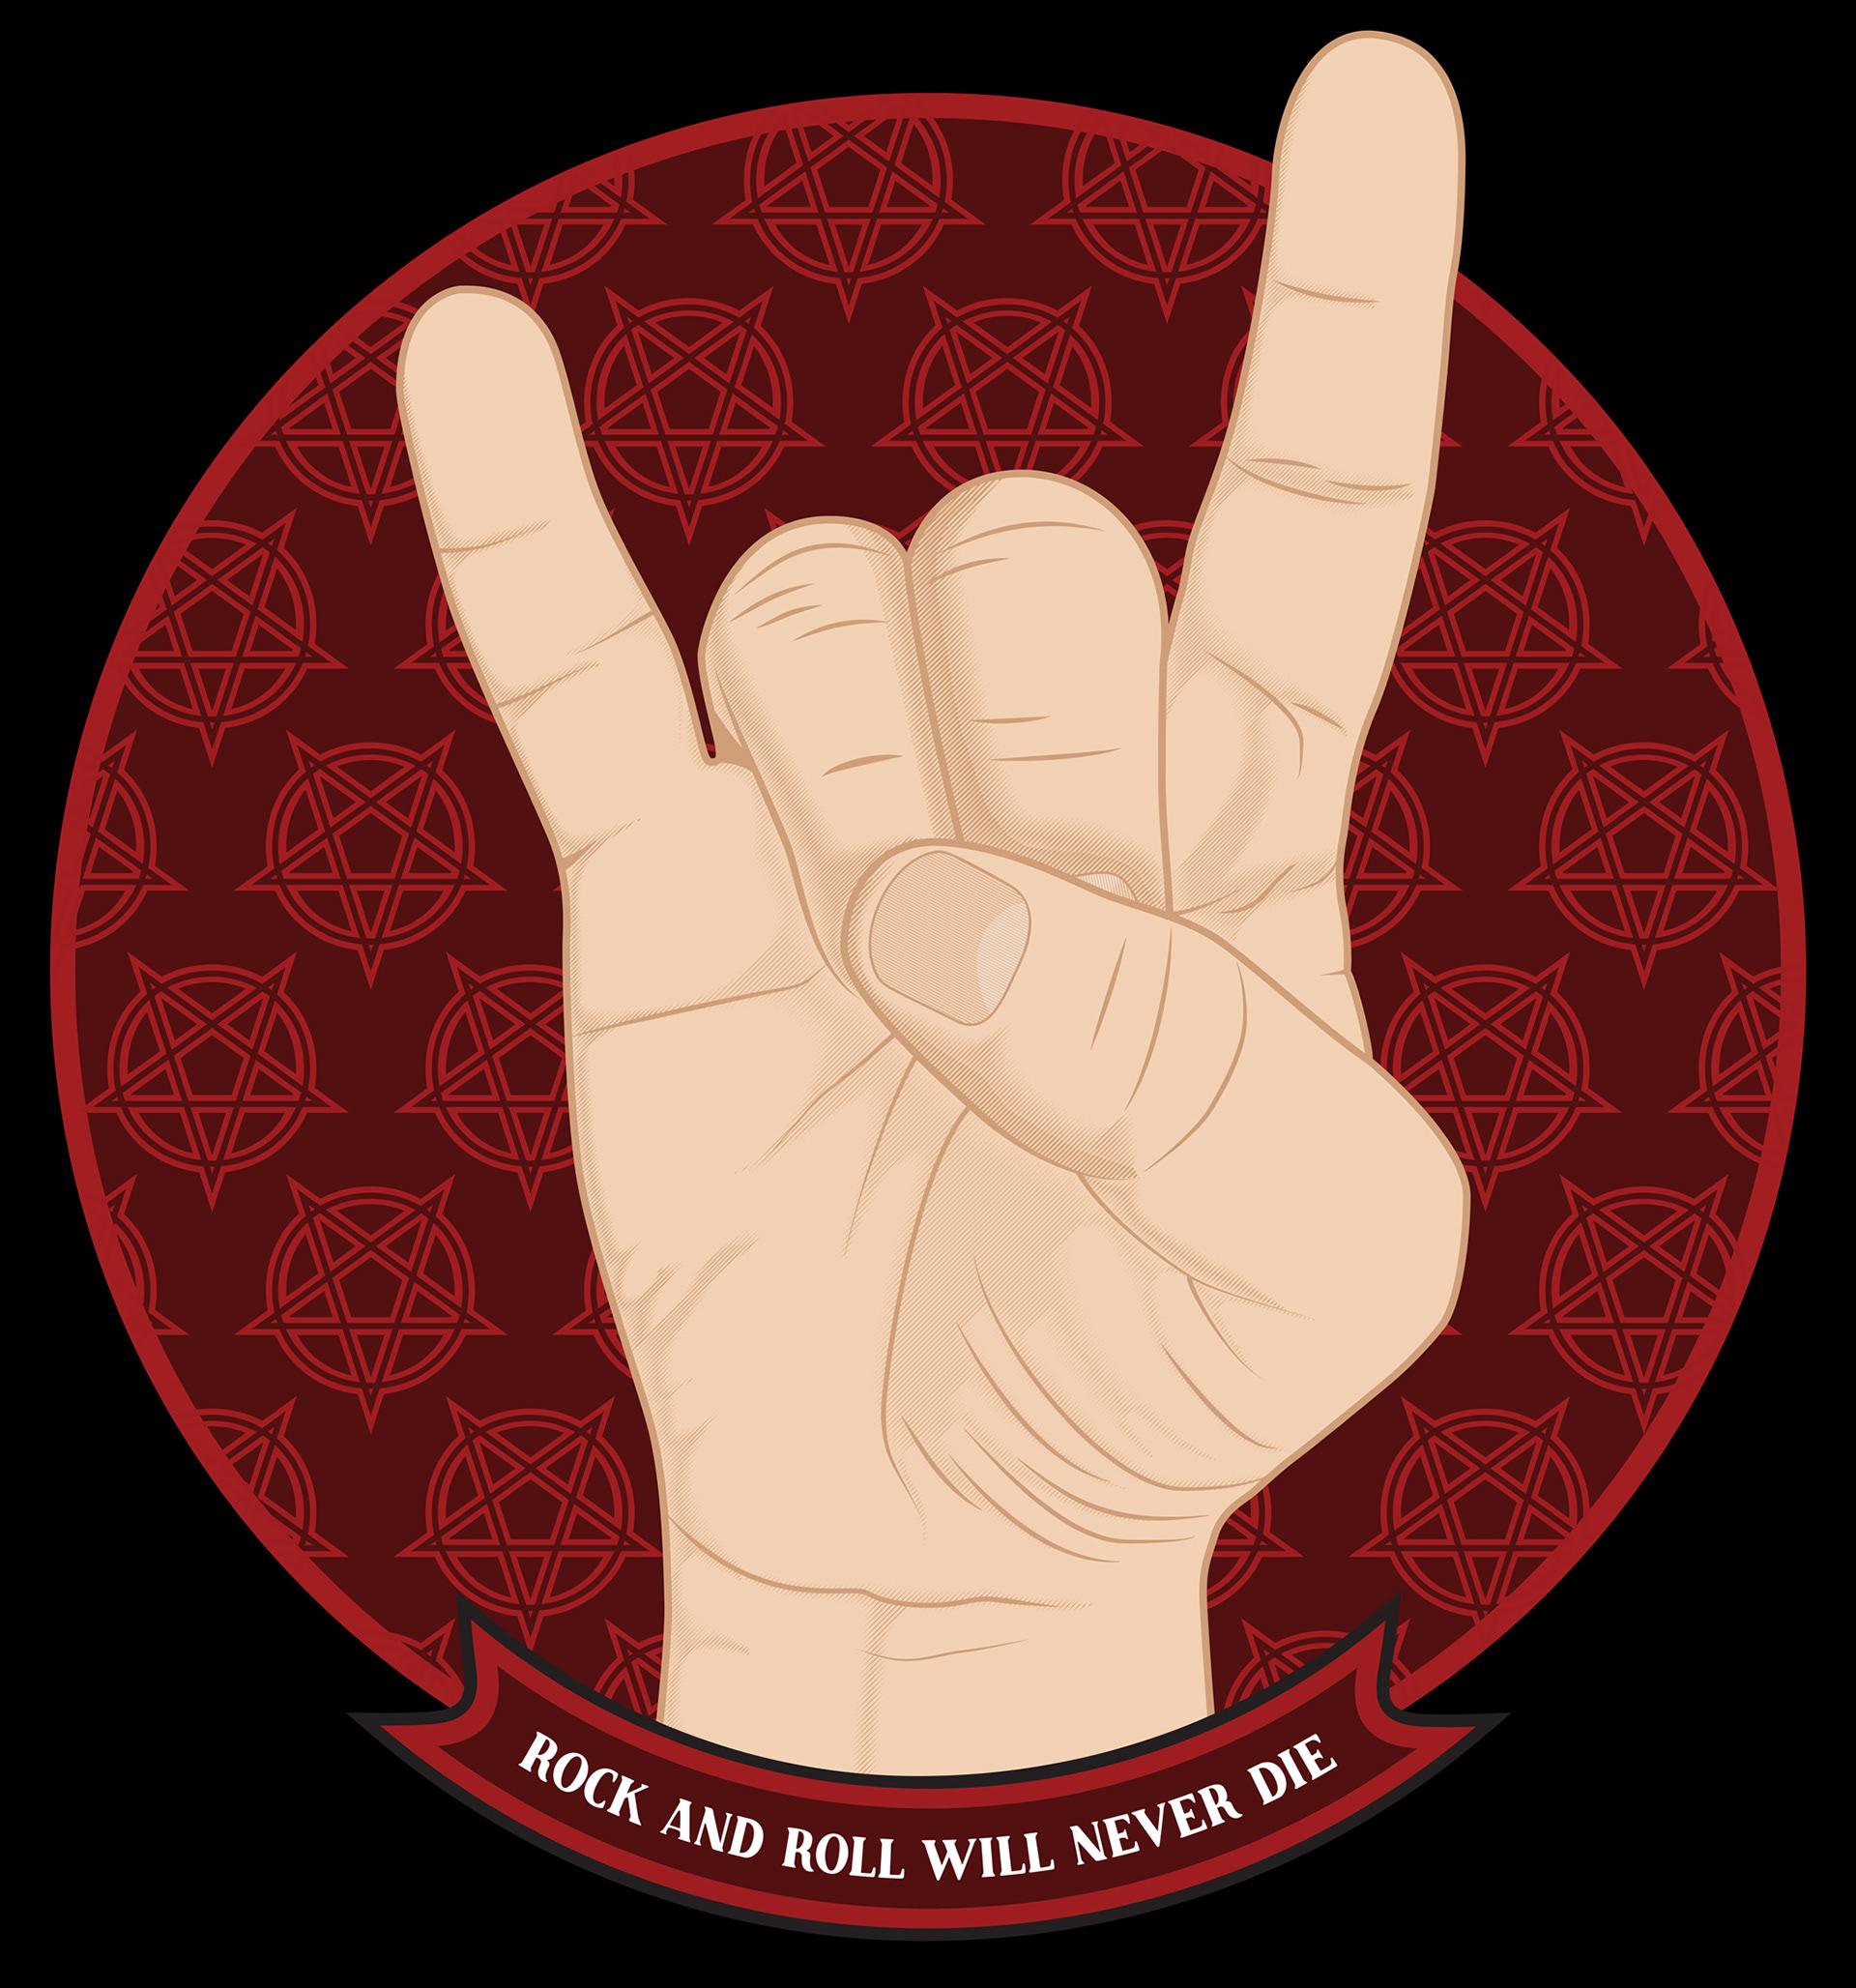 Travis Miller Design - Rock-n-roll will never die cfac208304c